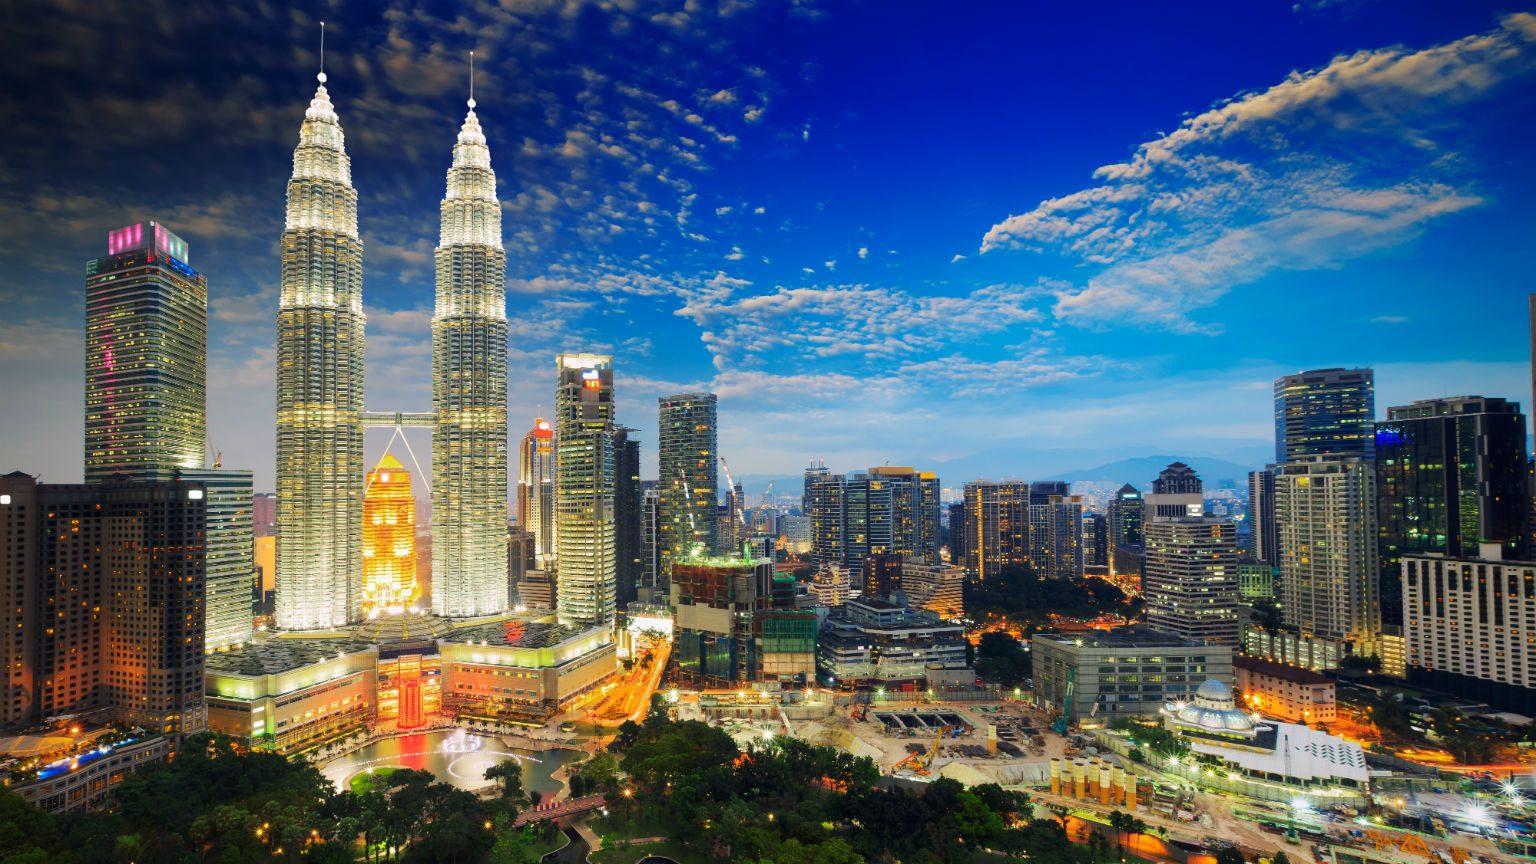 Kuala Lumpur, Malasysia